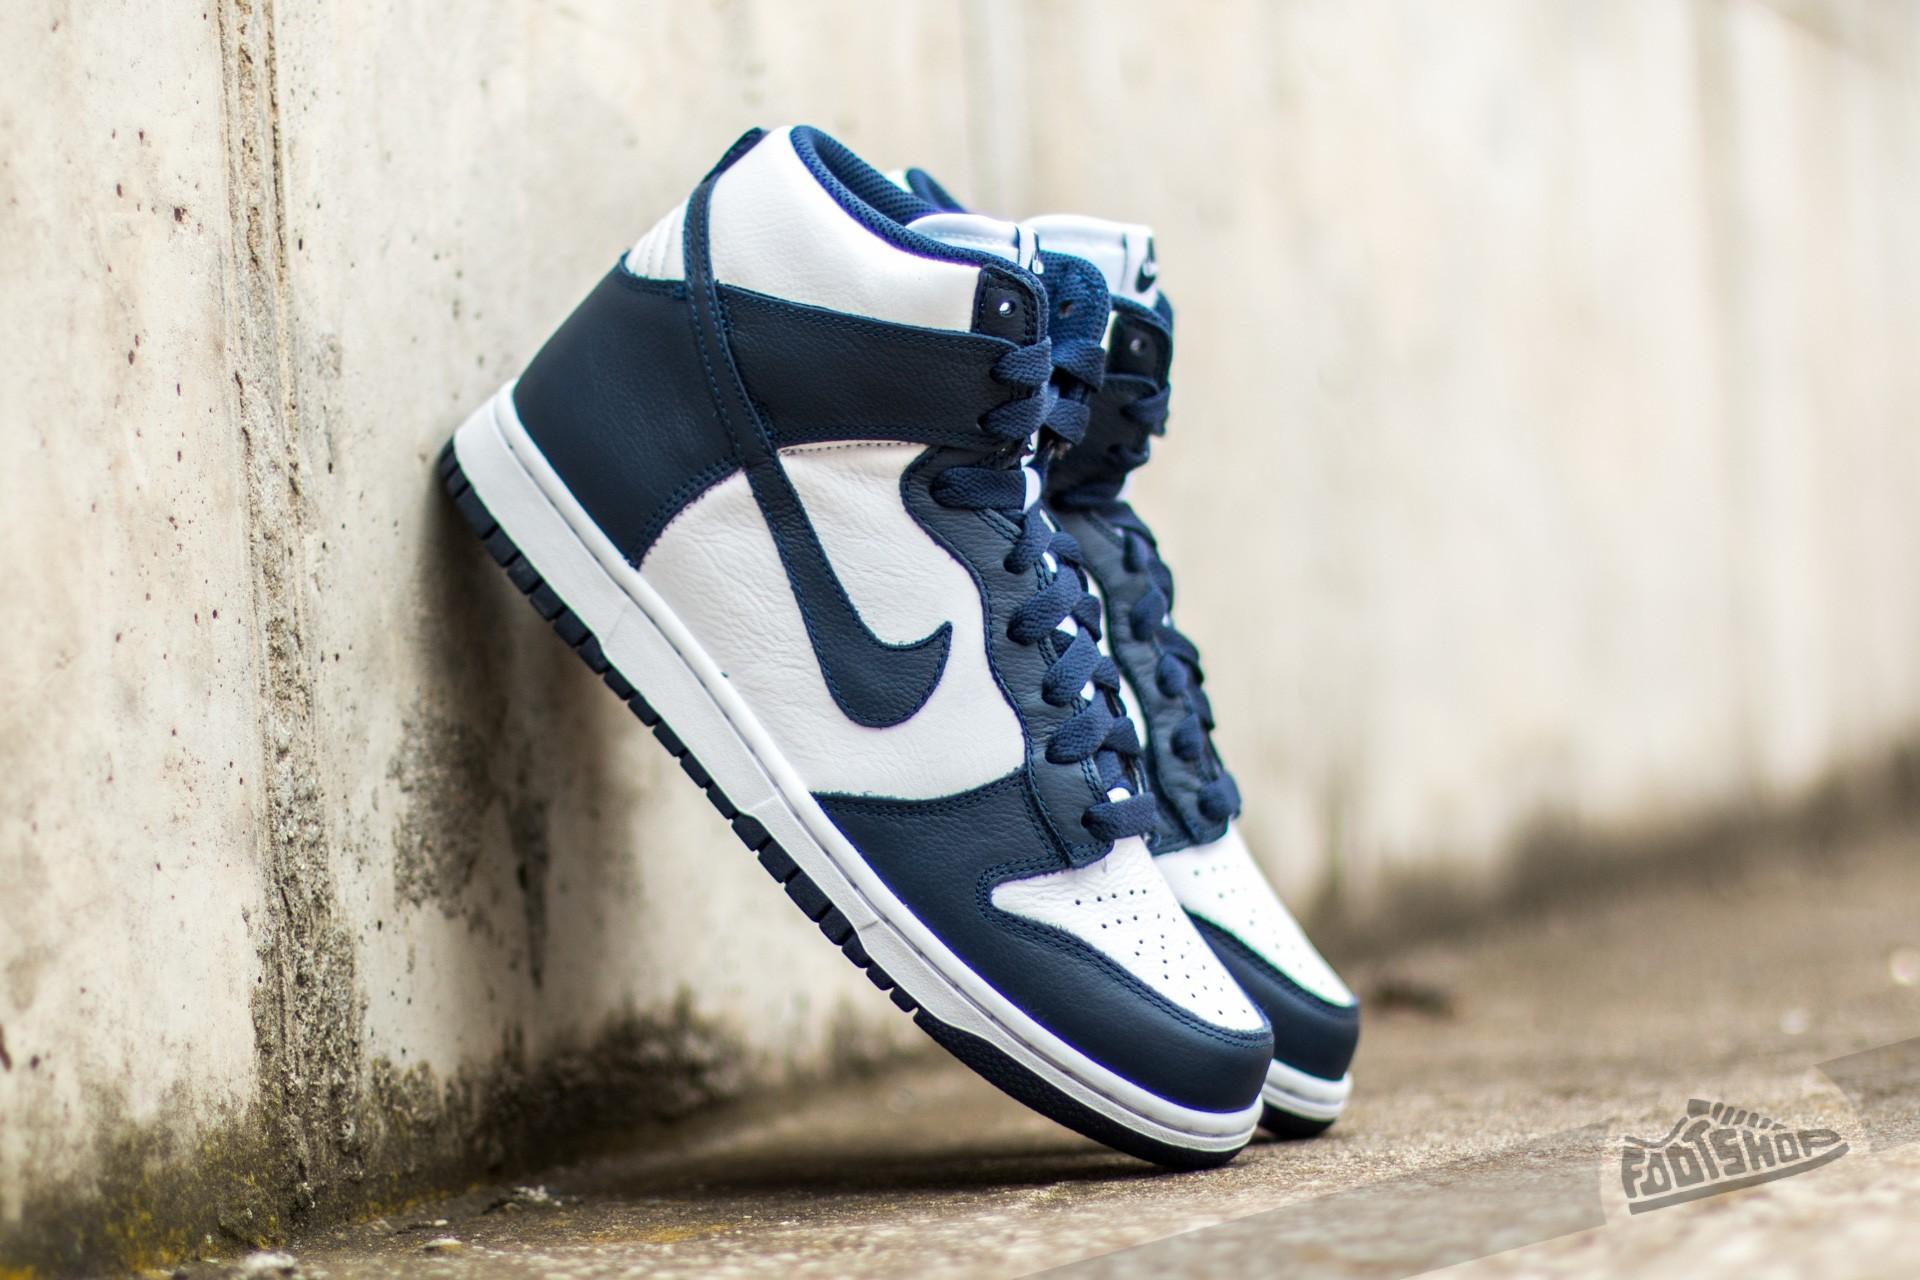 Nike Wmns Dunk Retro QS White/ Midnight Navy Footshop – FR